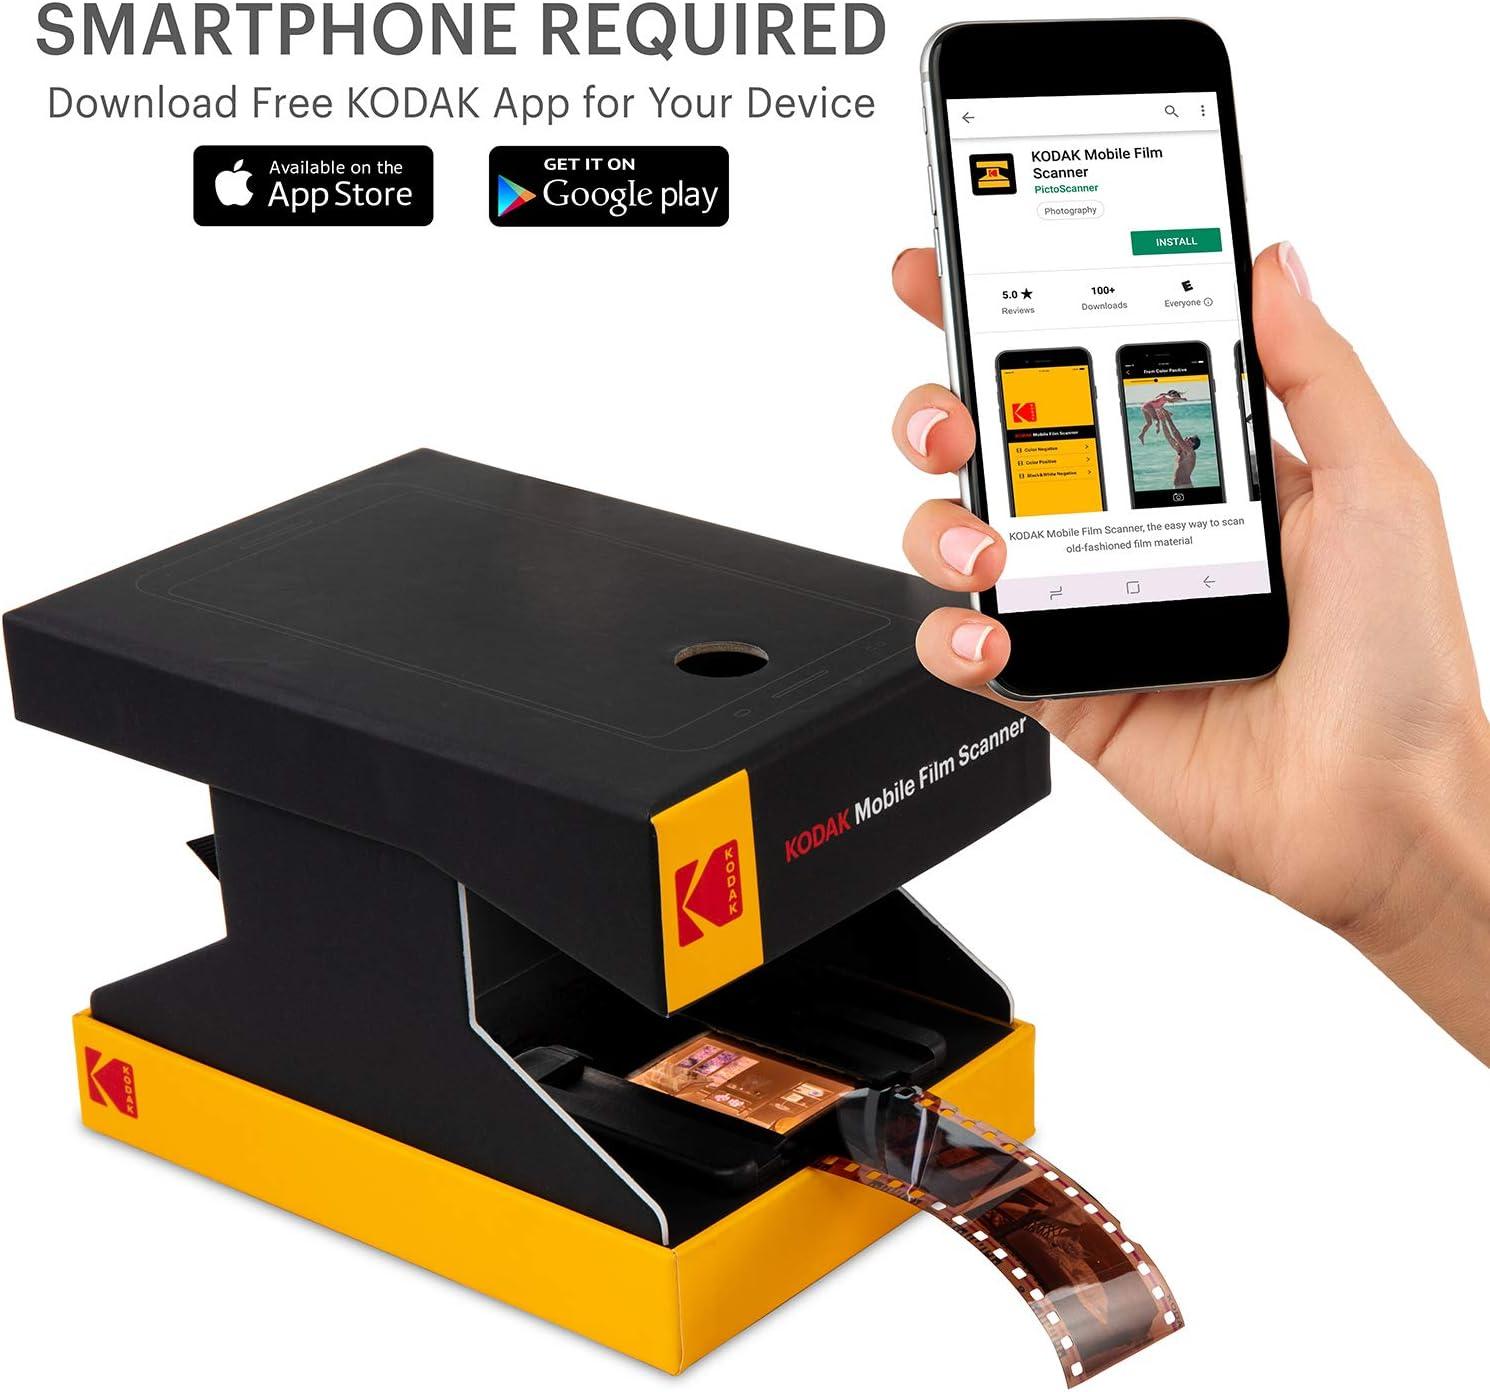 Escáner de película móvil KODAK: Amazon.es: Electrónica